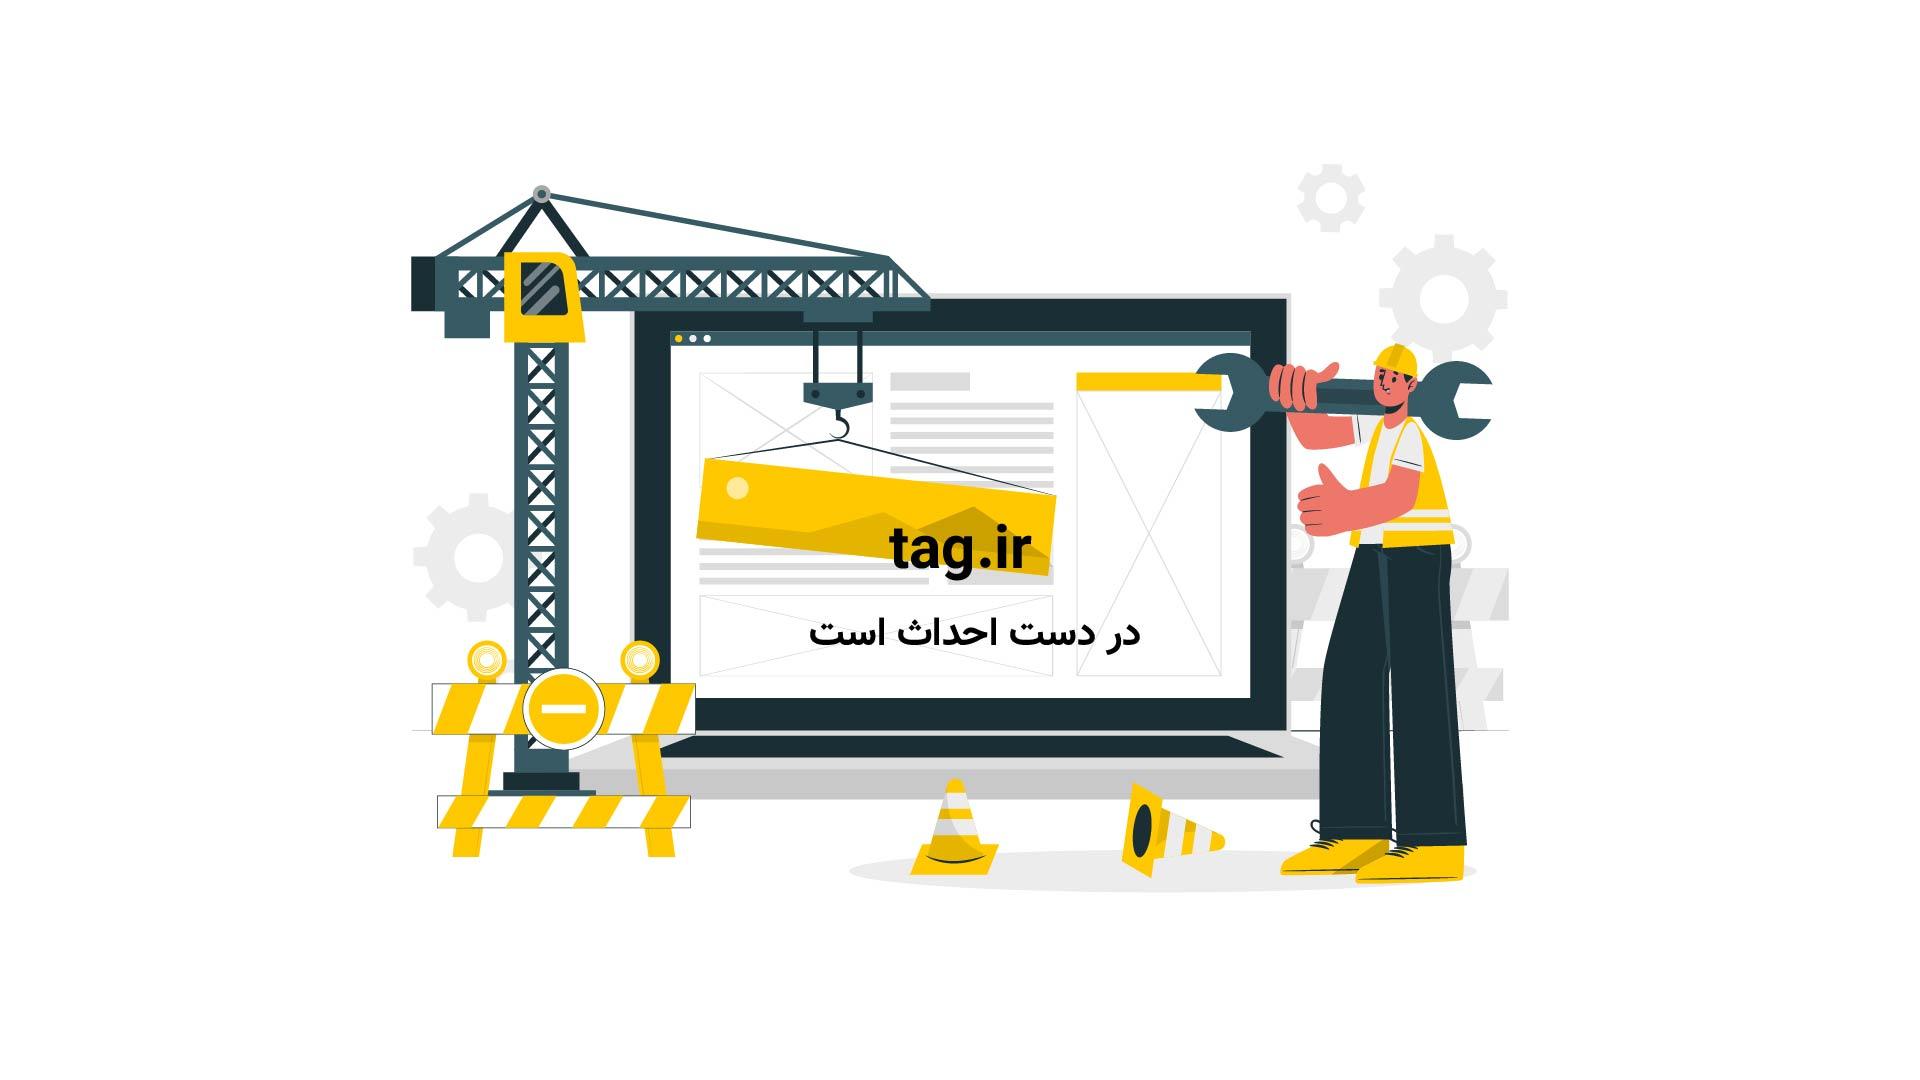 دستگیری 3 مظنون به اقدامات تروریستی در برلین | فیلم